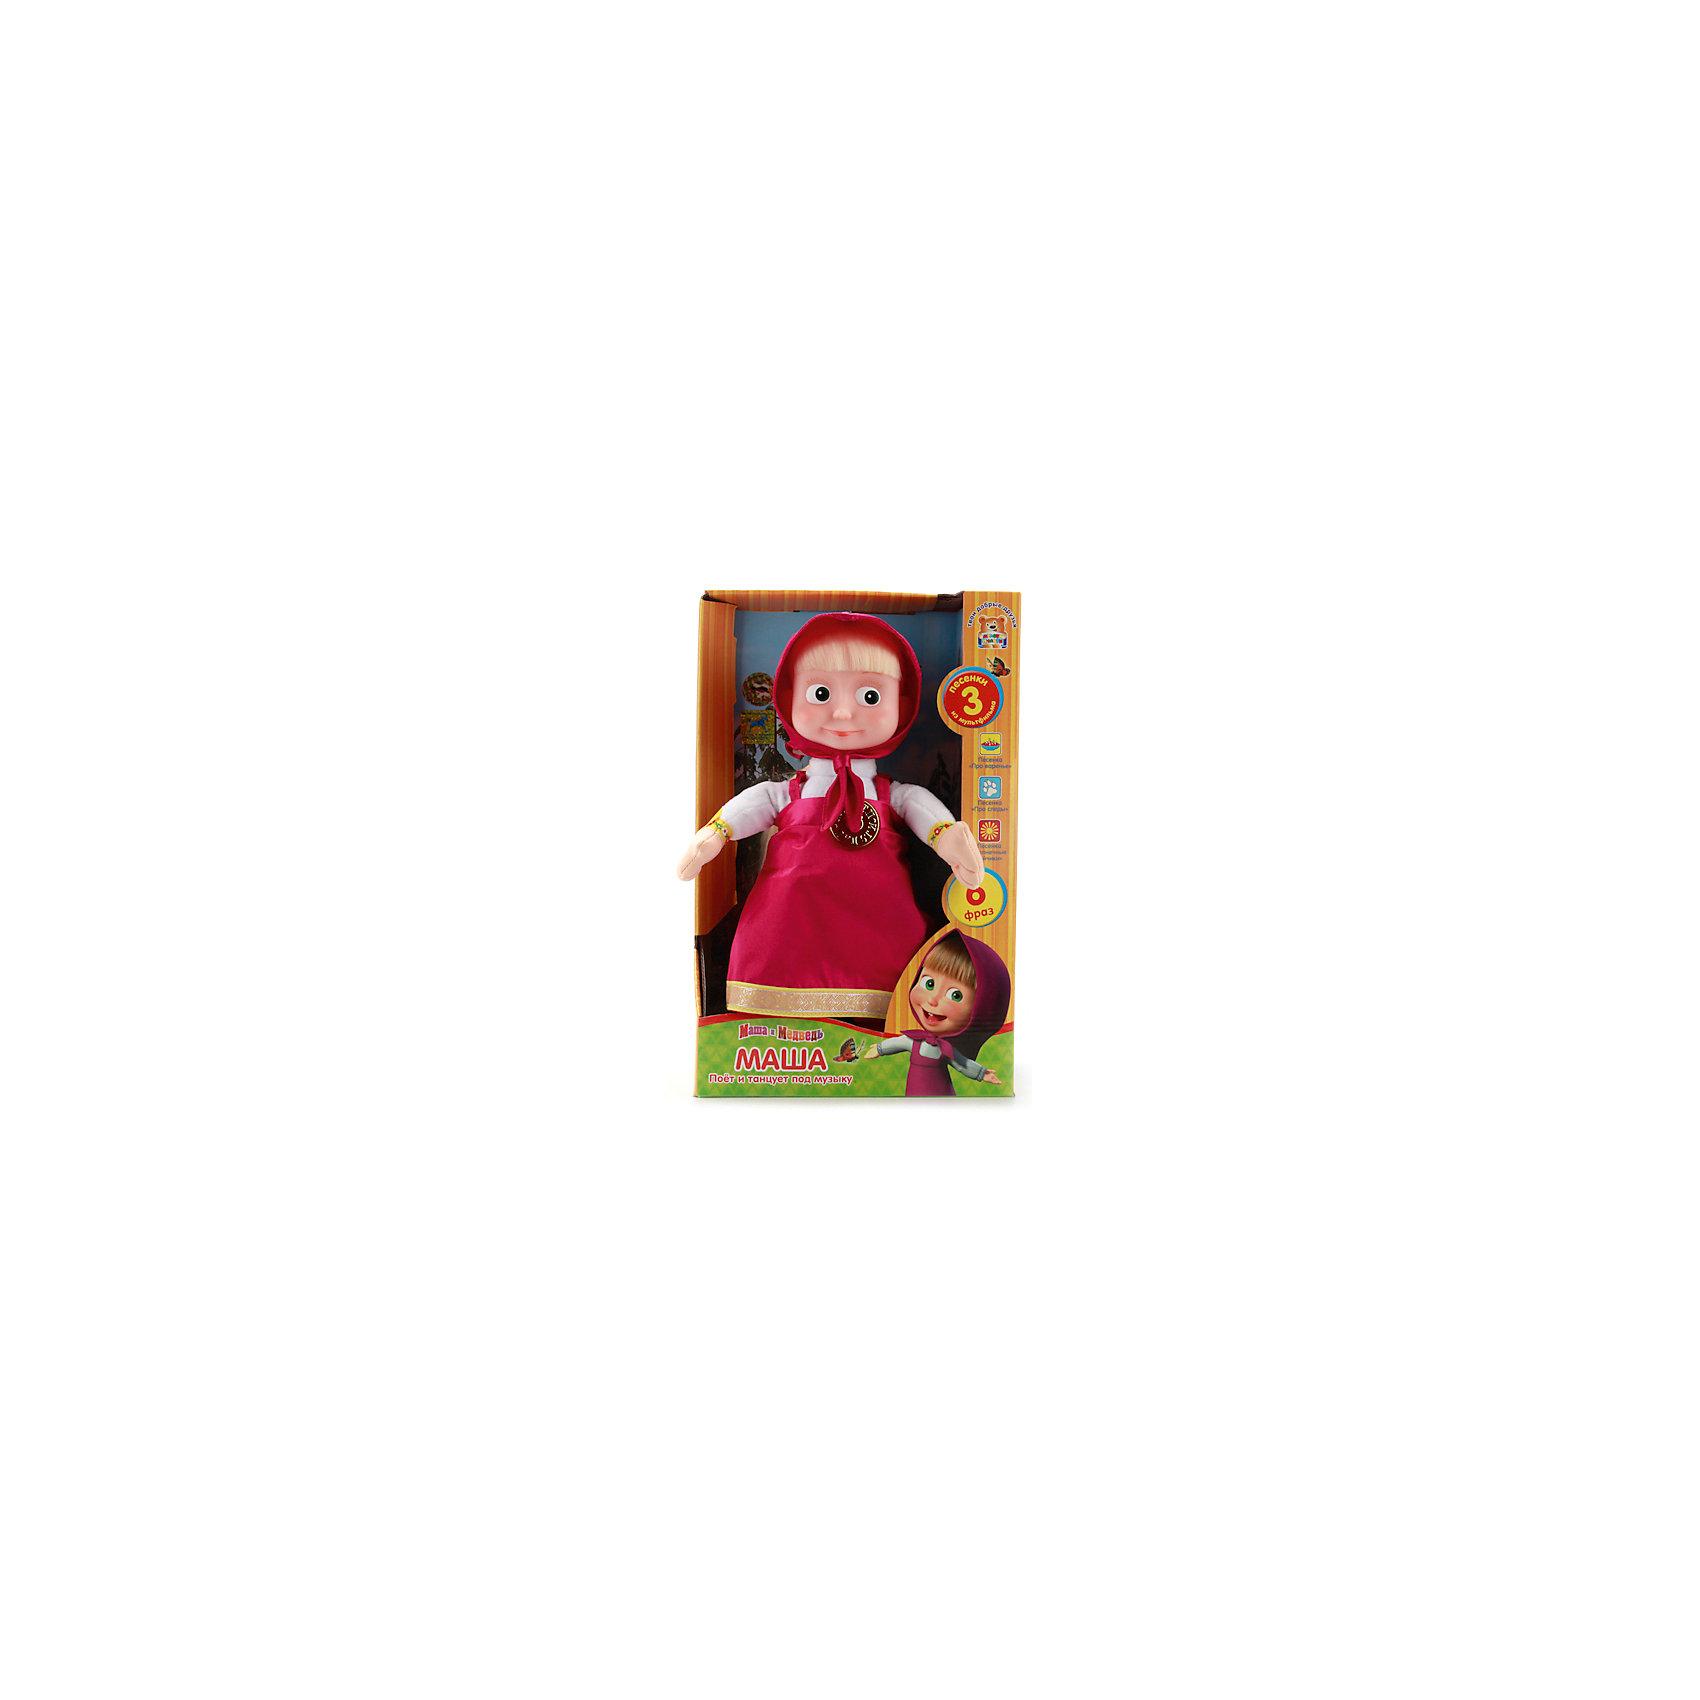 МУЛЬТИ-ПУЛЬТИ Мягкая игрушка  Маша танцует, 30 см, со звуком, Маша и Медведь, МУЛЬТИ-ПУЛЬТИ карапуз кукла маша 15 см со звуком маша и медведь карапуз